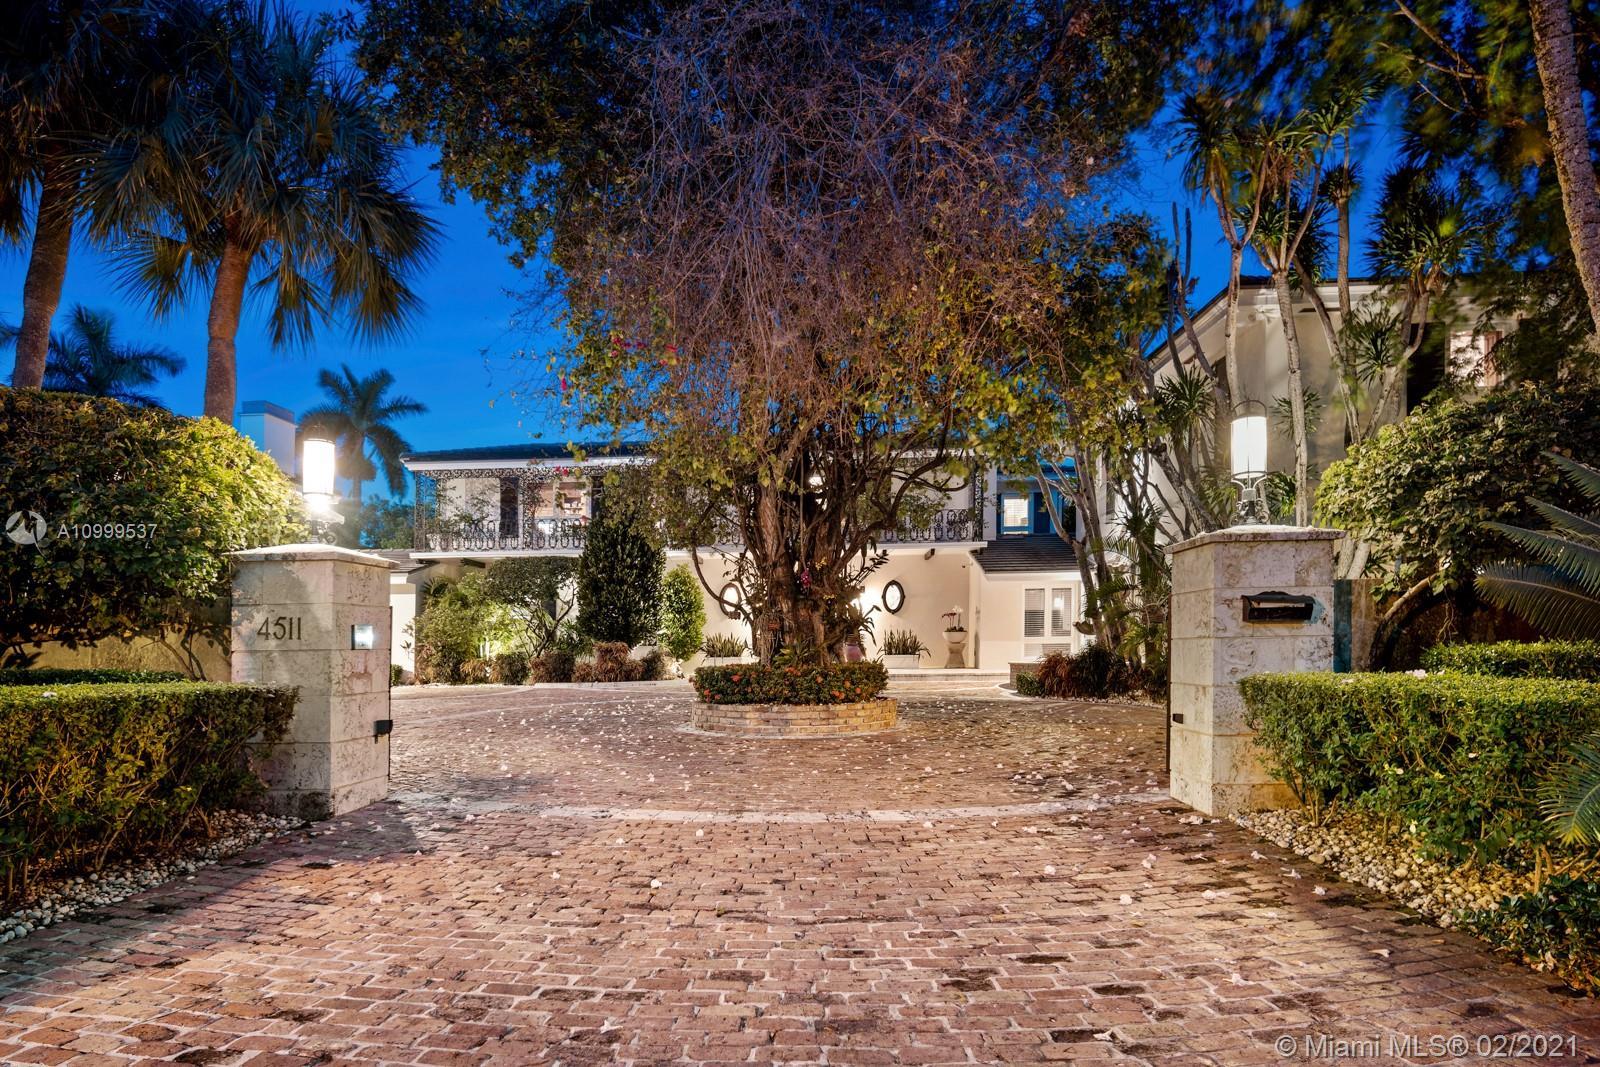 4511 Lake Rd Luxury Real Estate